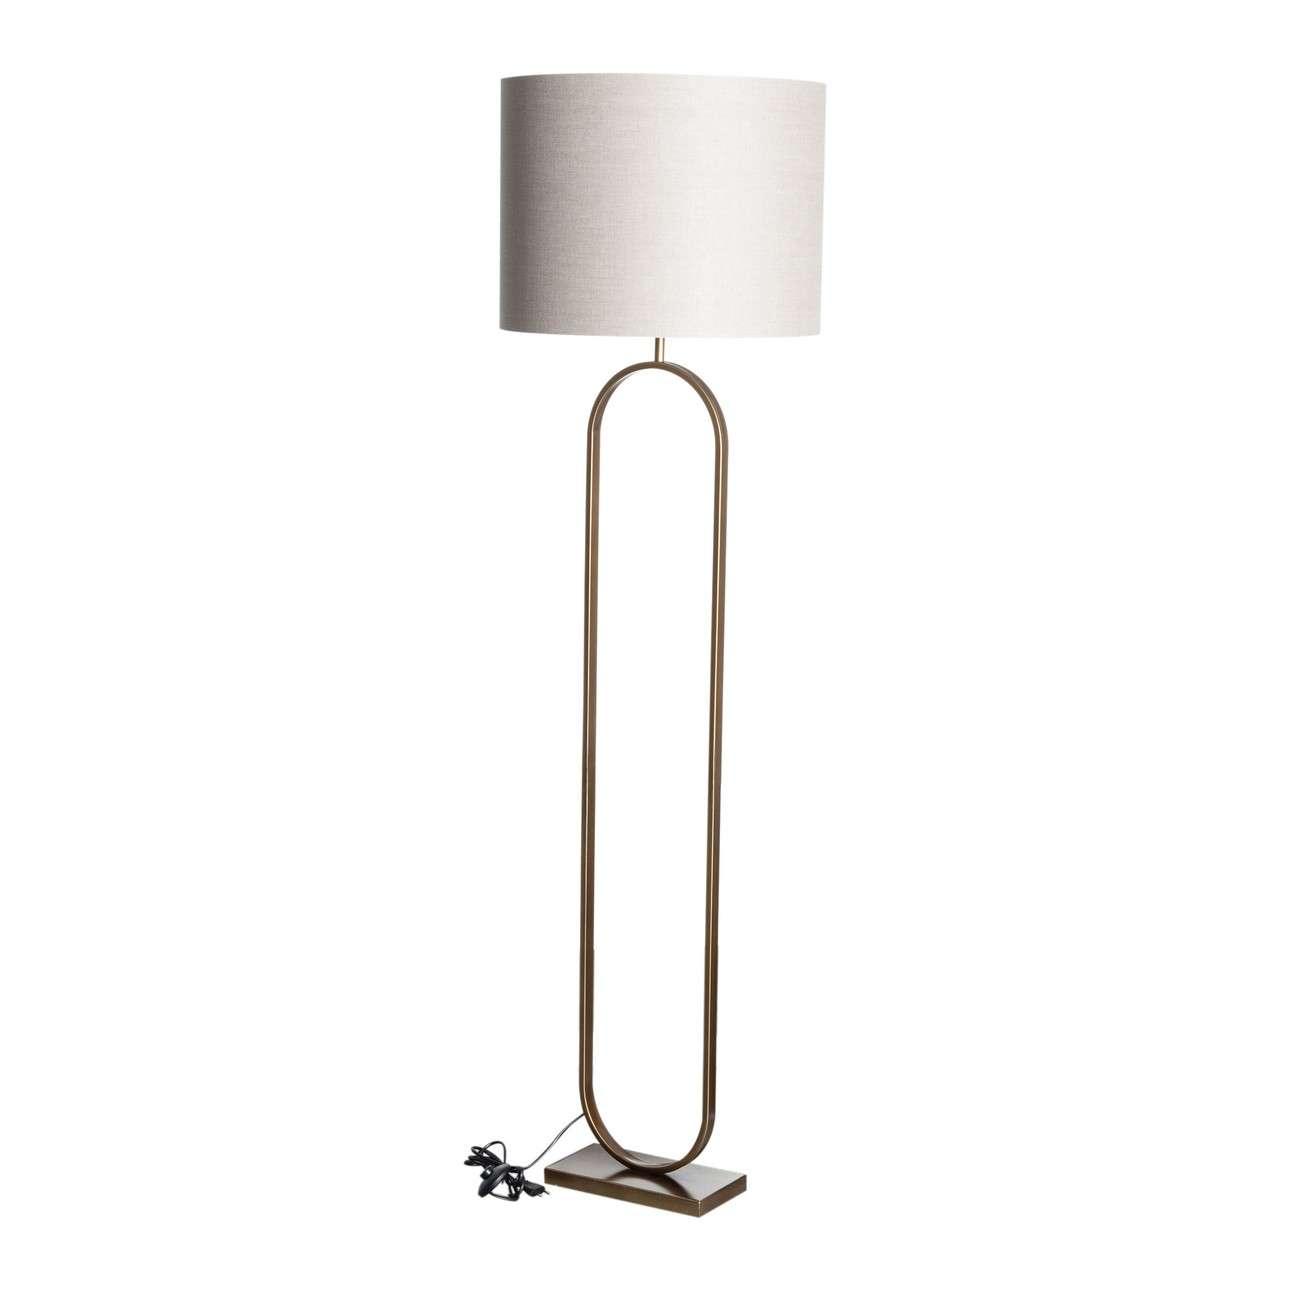 Stehlampe Mira Light Beige 181 cm